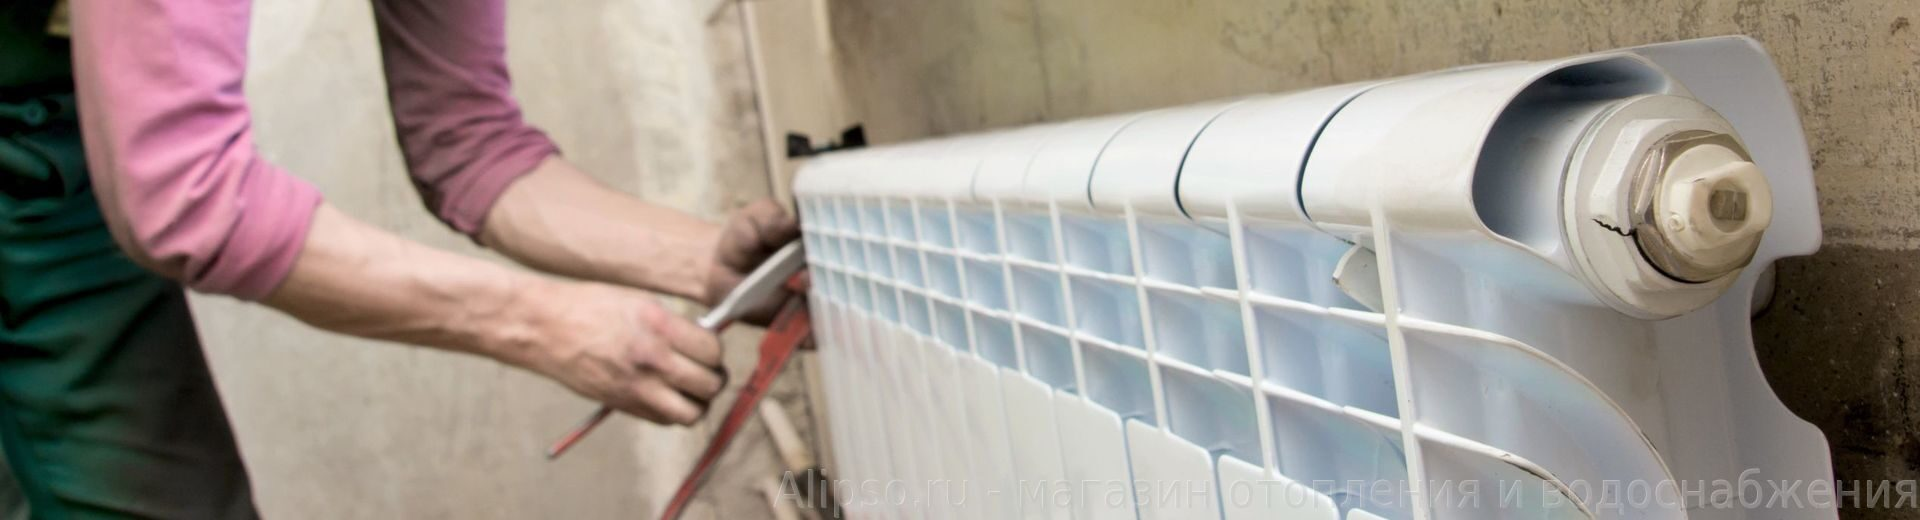 Как промыть чугунные батареи отопления в домашних условиях 8